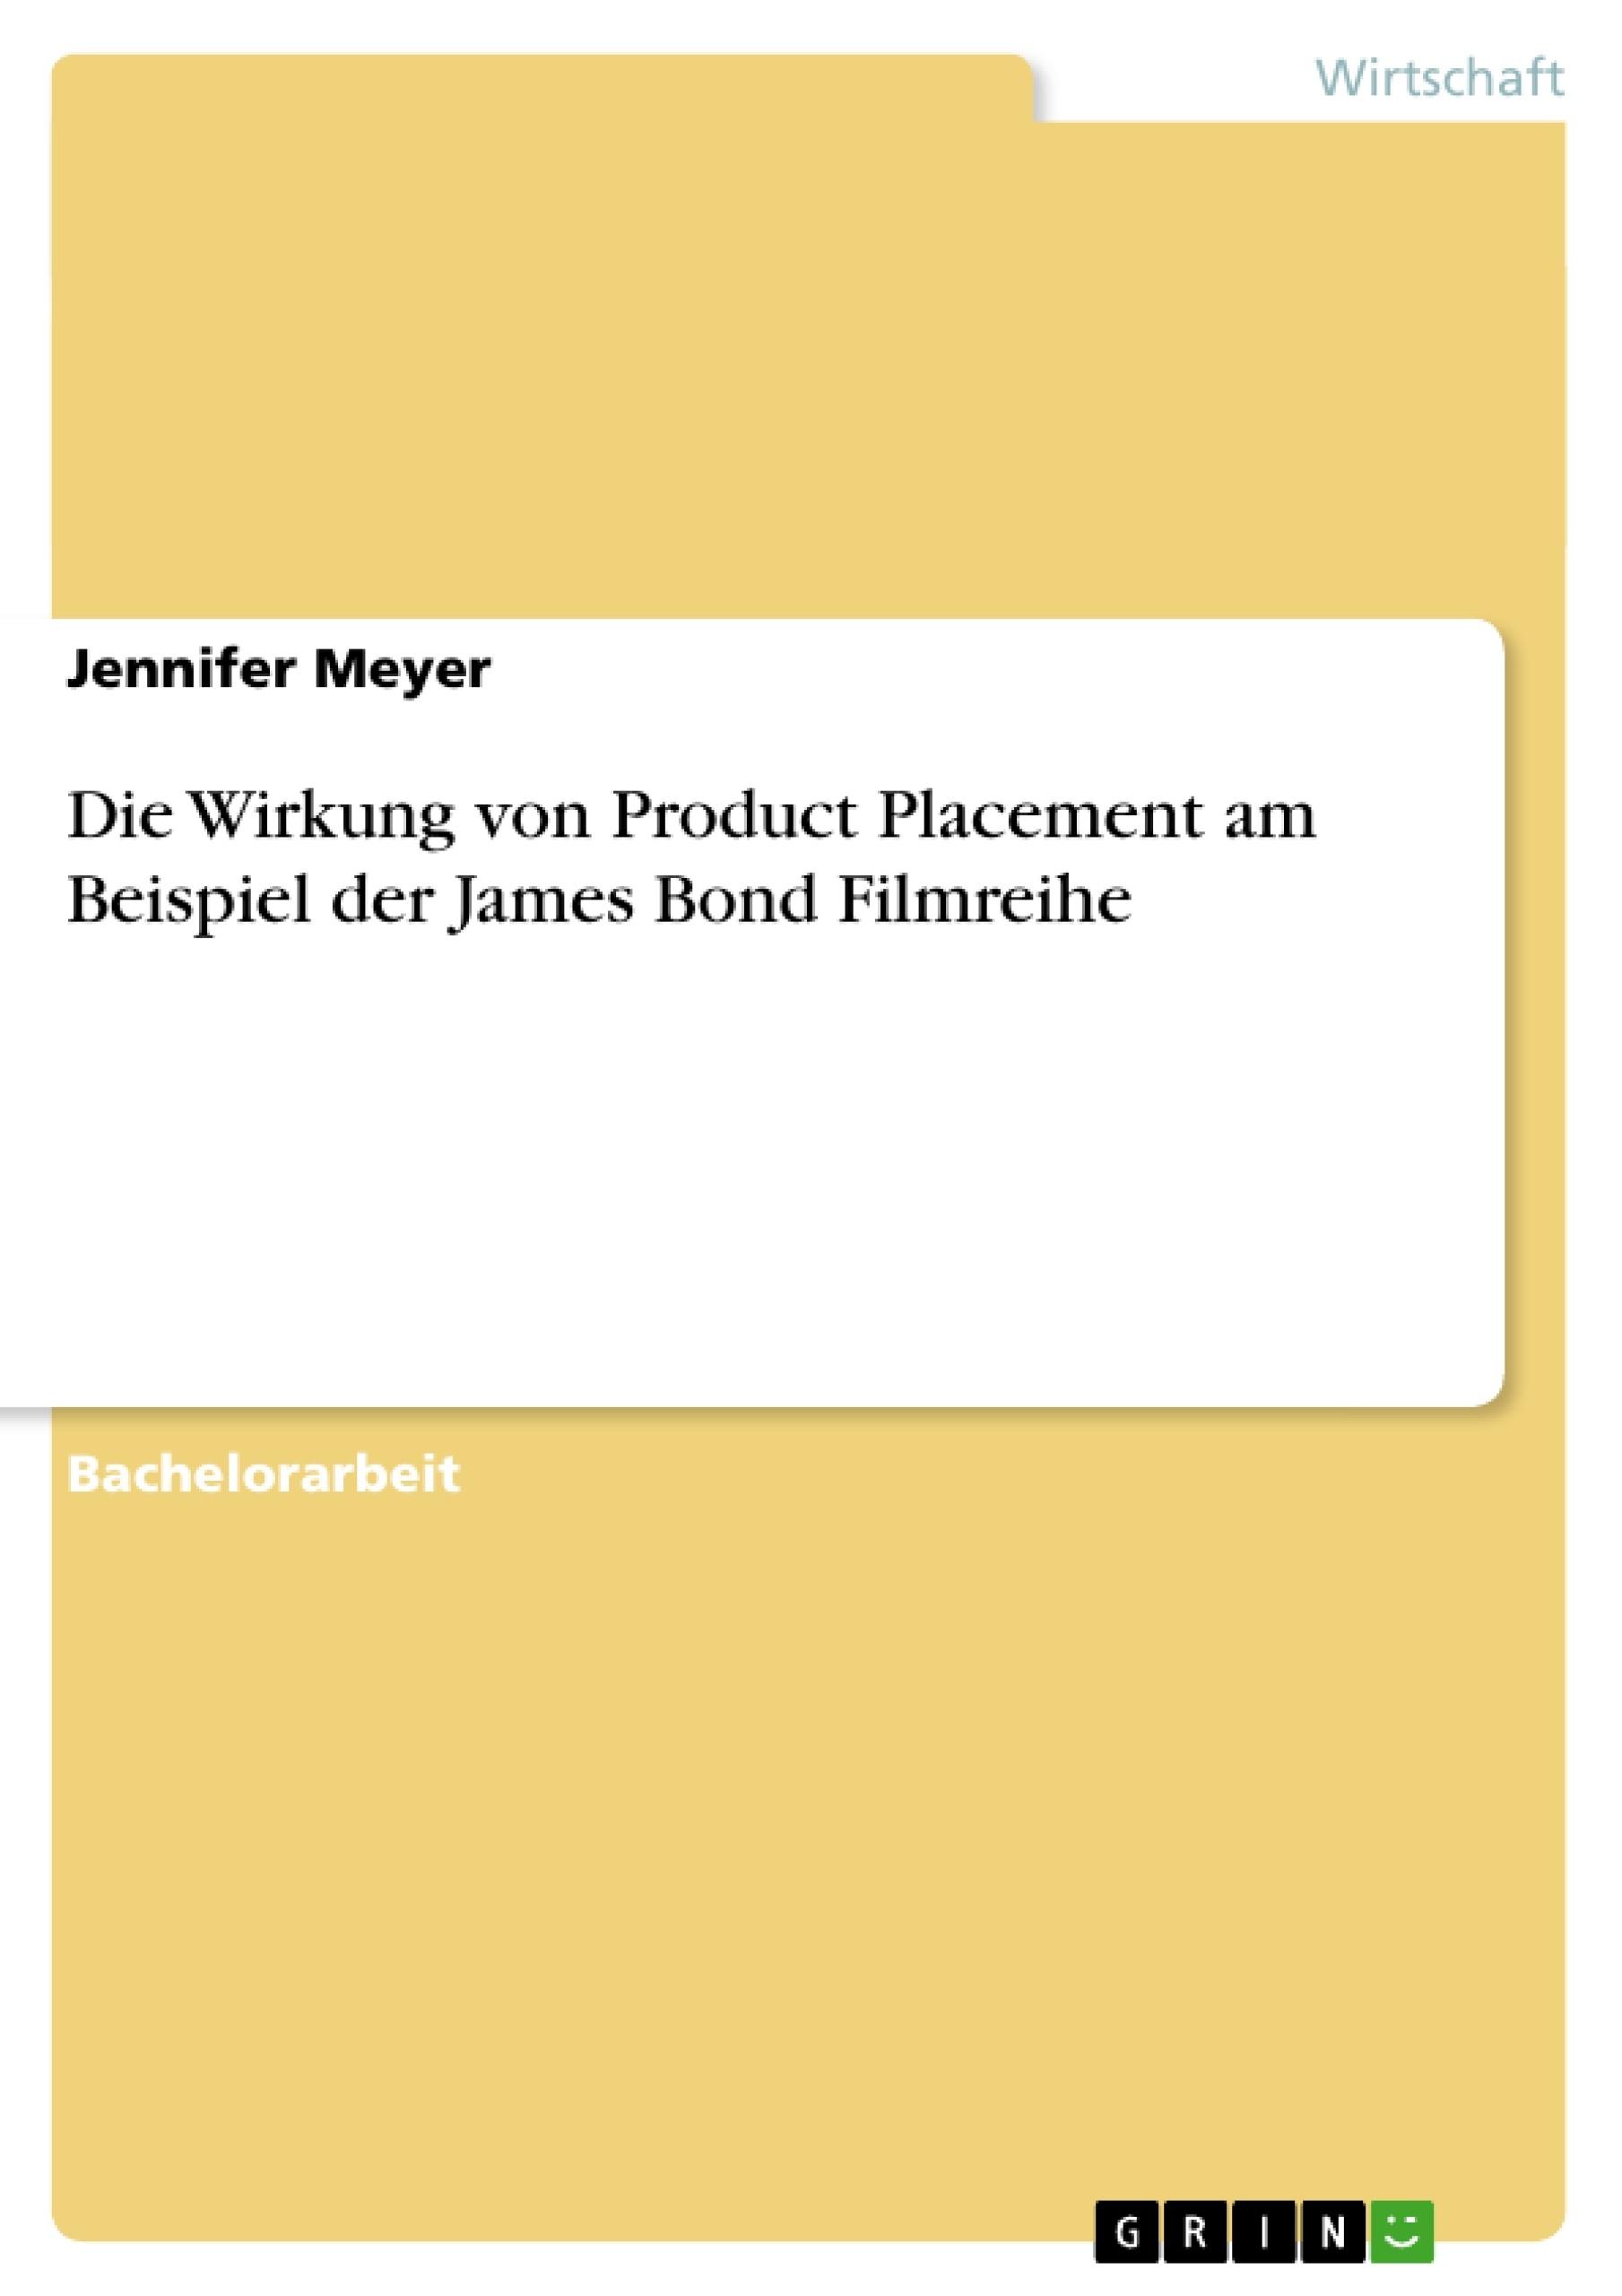 Titel: Die Wirkung von Product Placement am Beispiel der James Bond Filmreihe